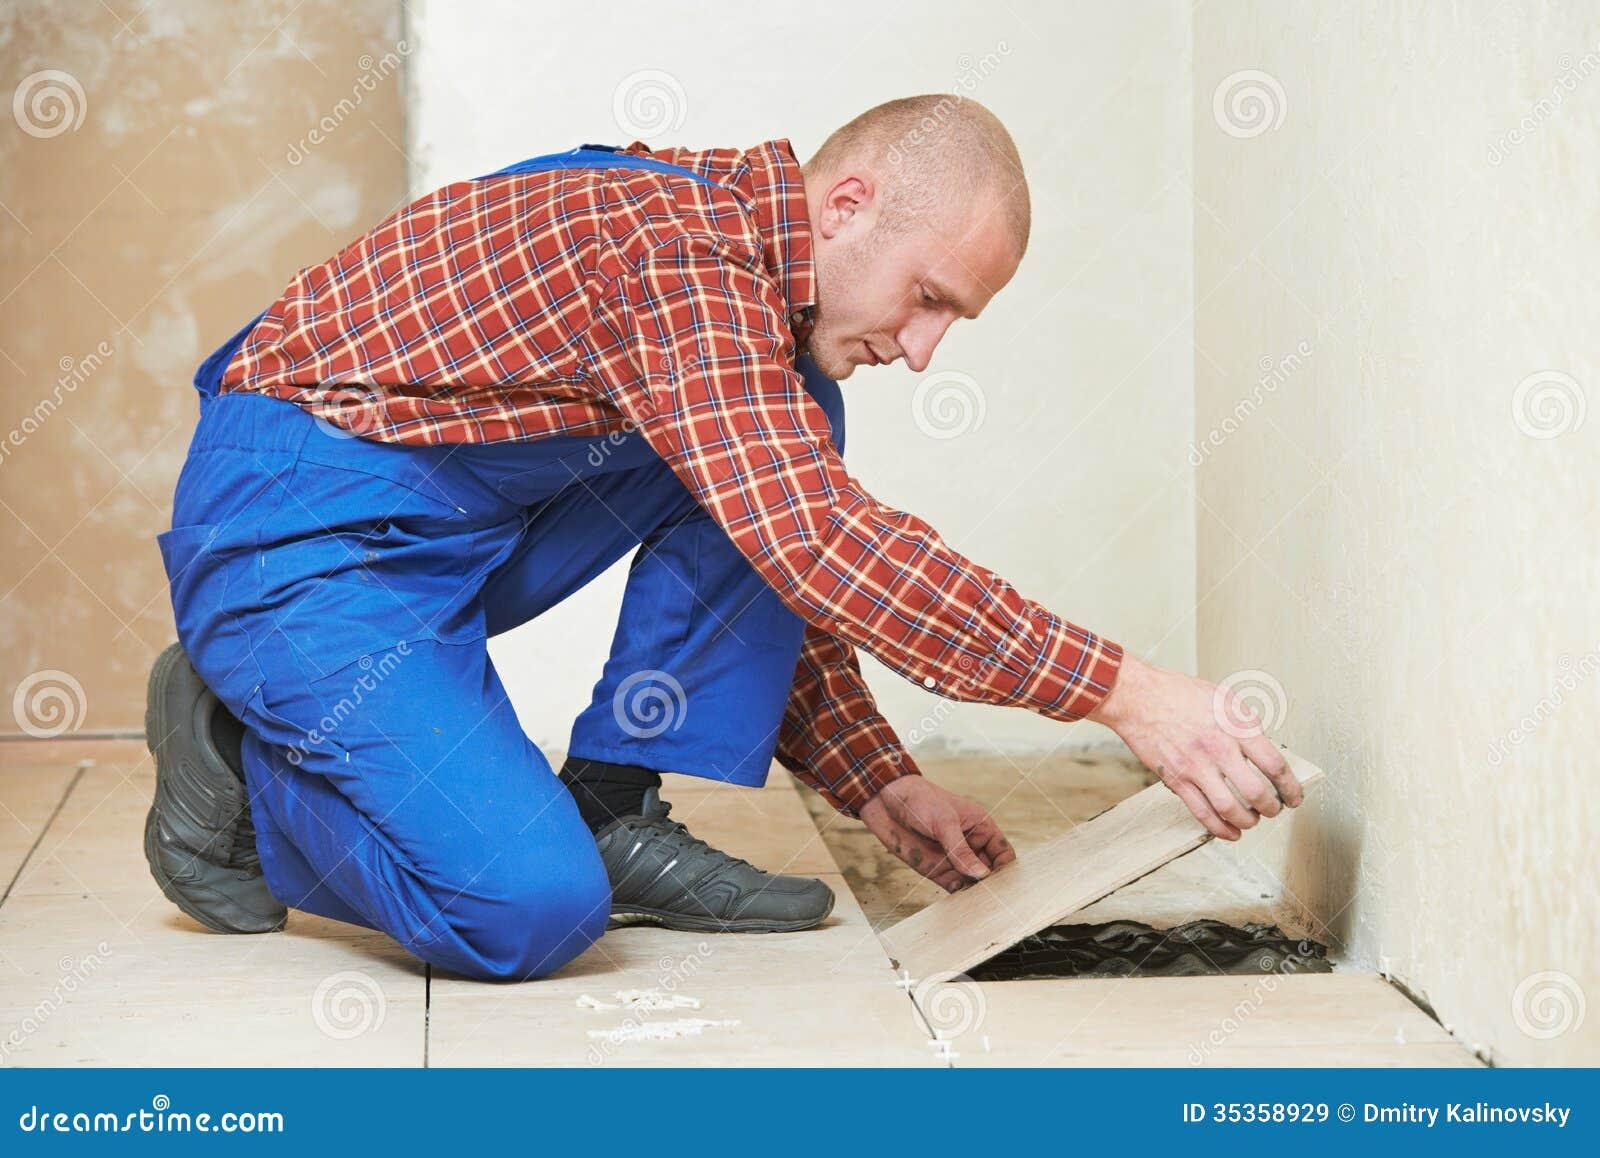 Tiler At Home Floor Tiling Renovation Work Royalty Free